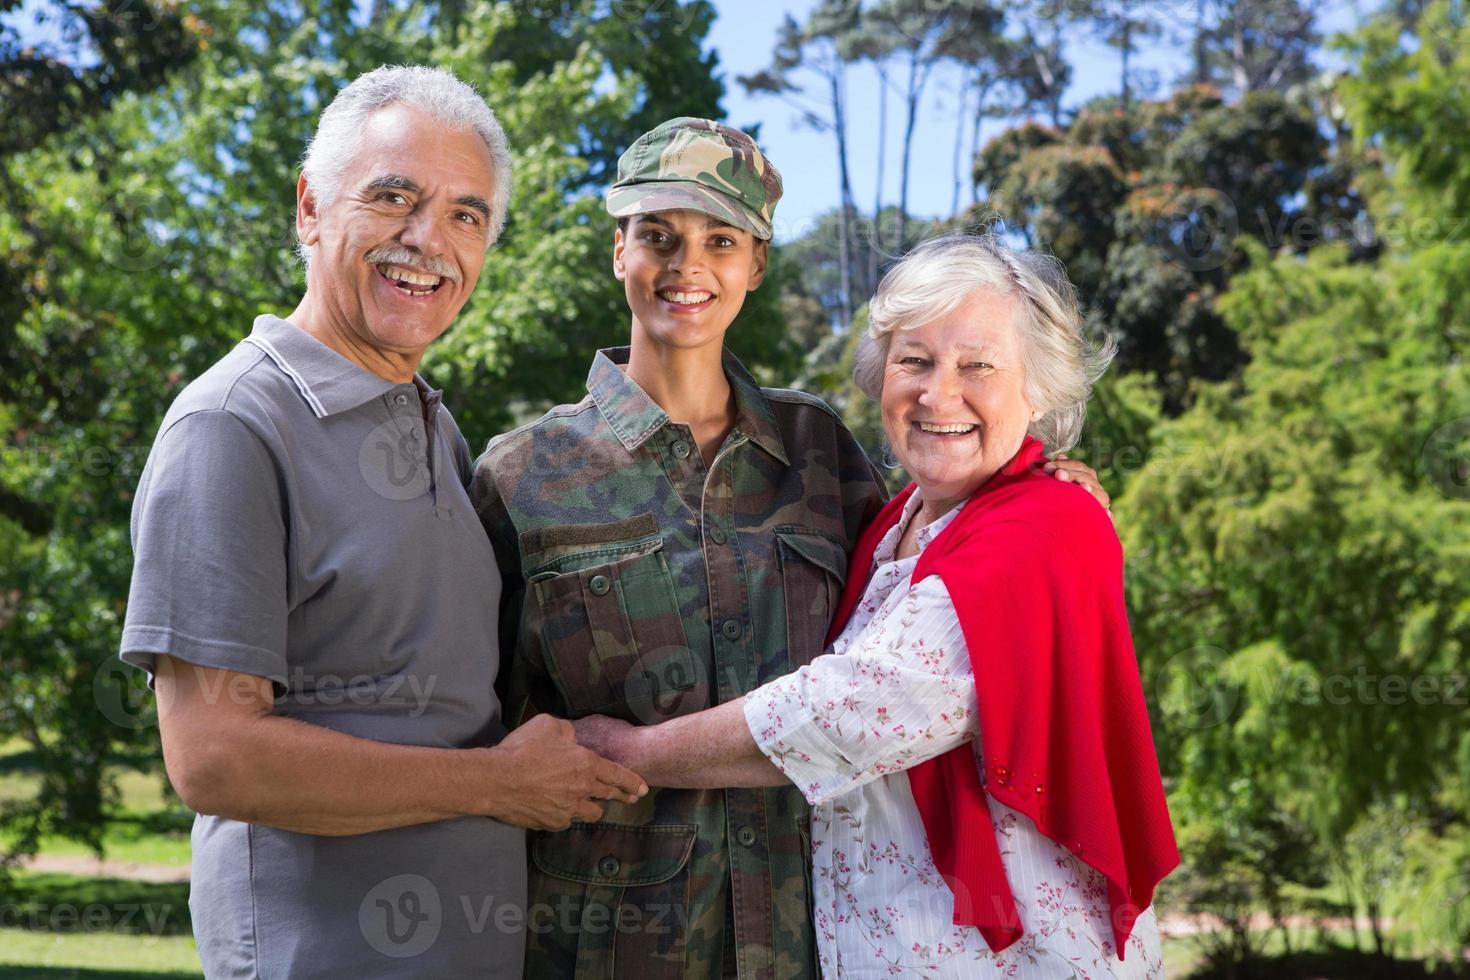 soldado se reuniu com seus pais foto